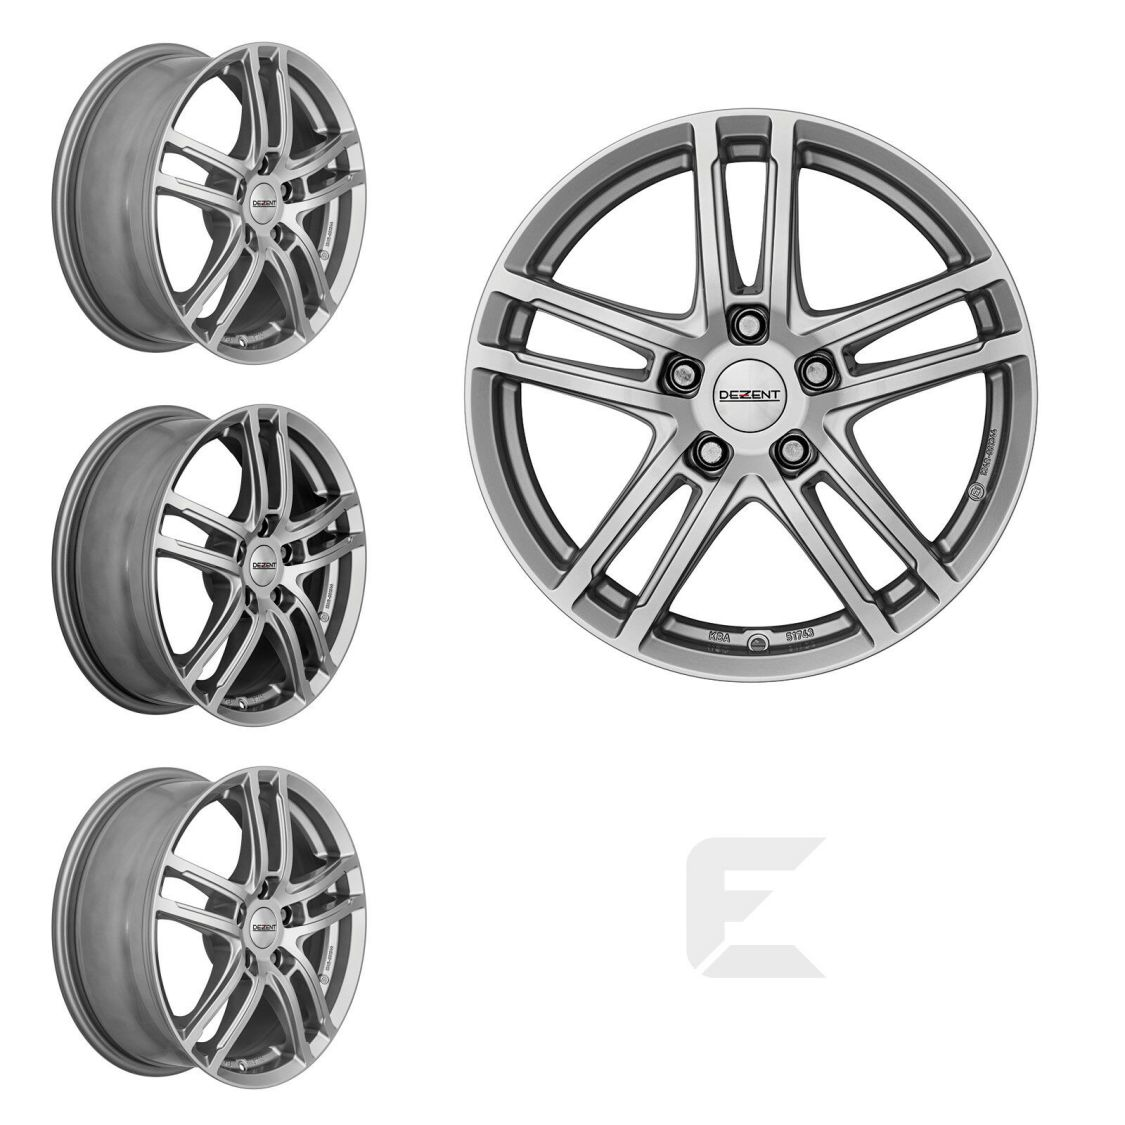 4x 18 Zoll Alufelgen für Ford Edge / Dezent TZ 7,5x18 ET50 (B-8300263)